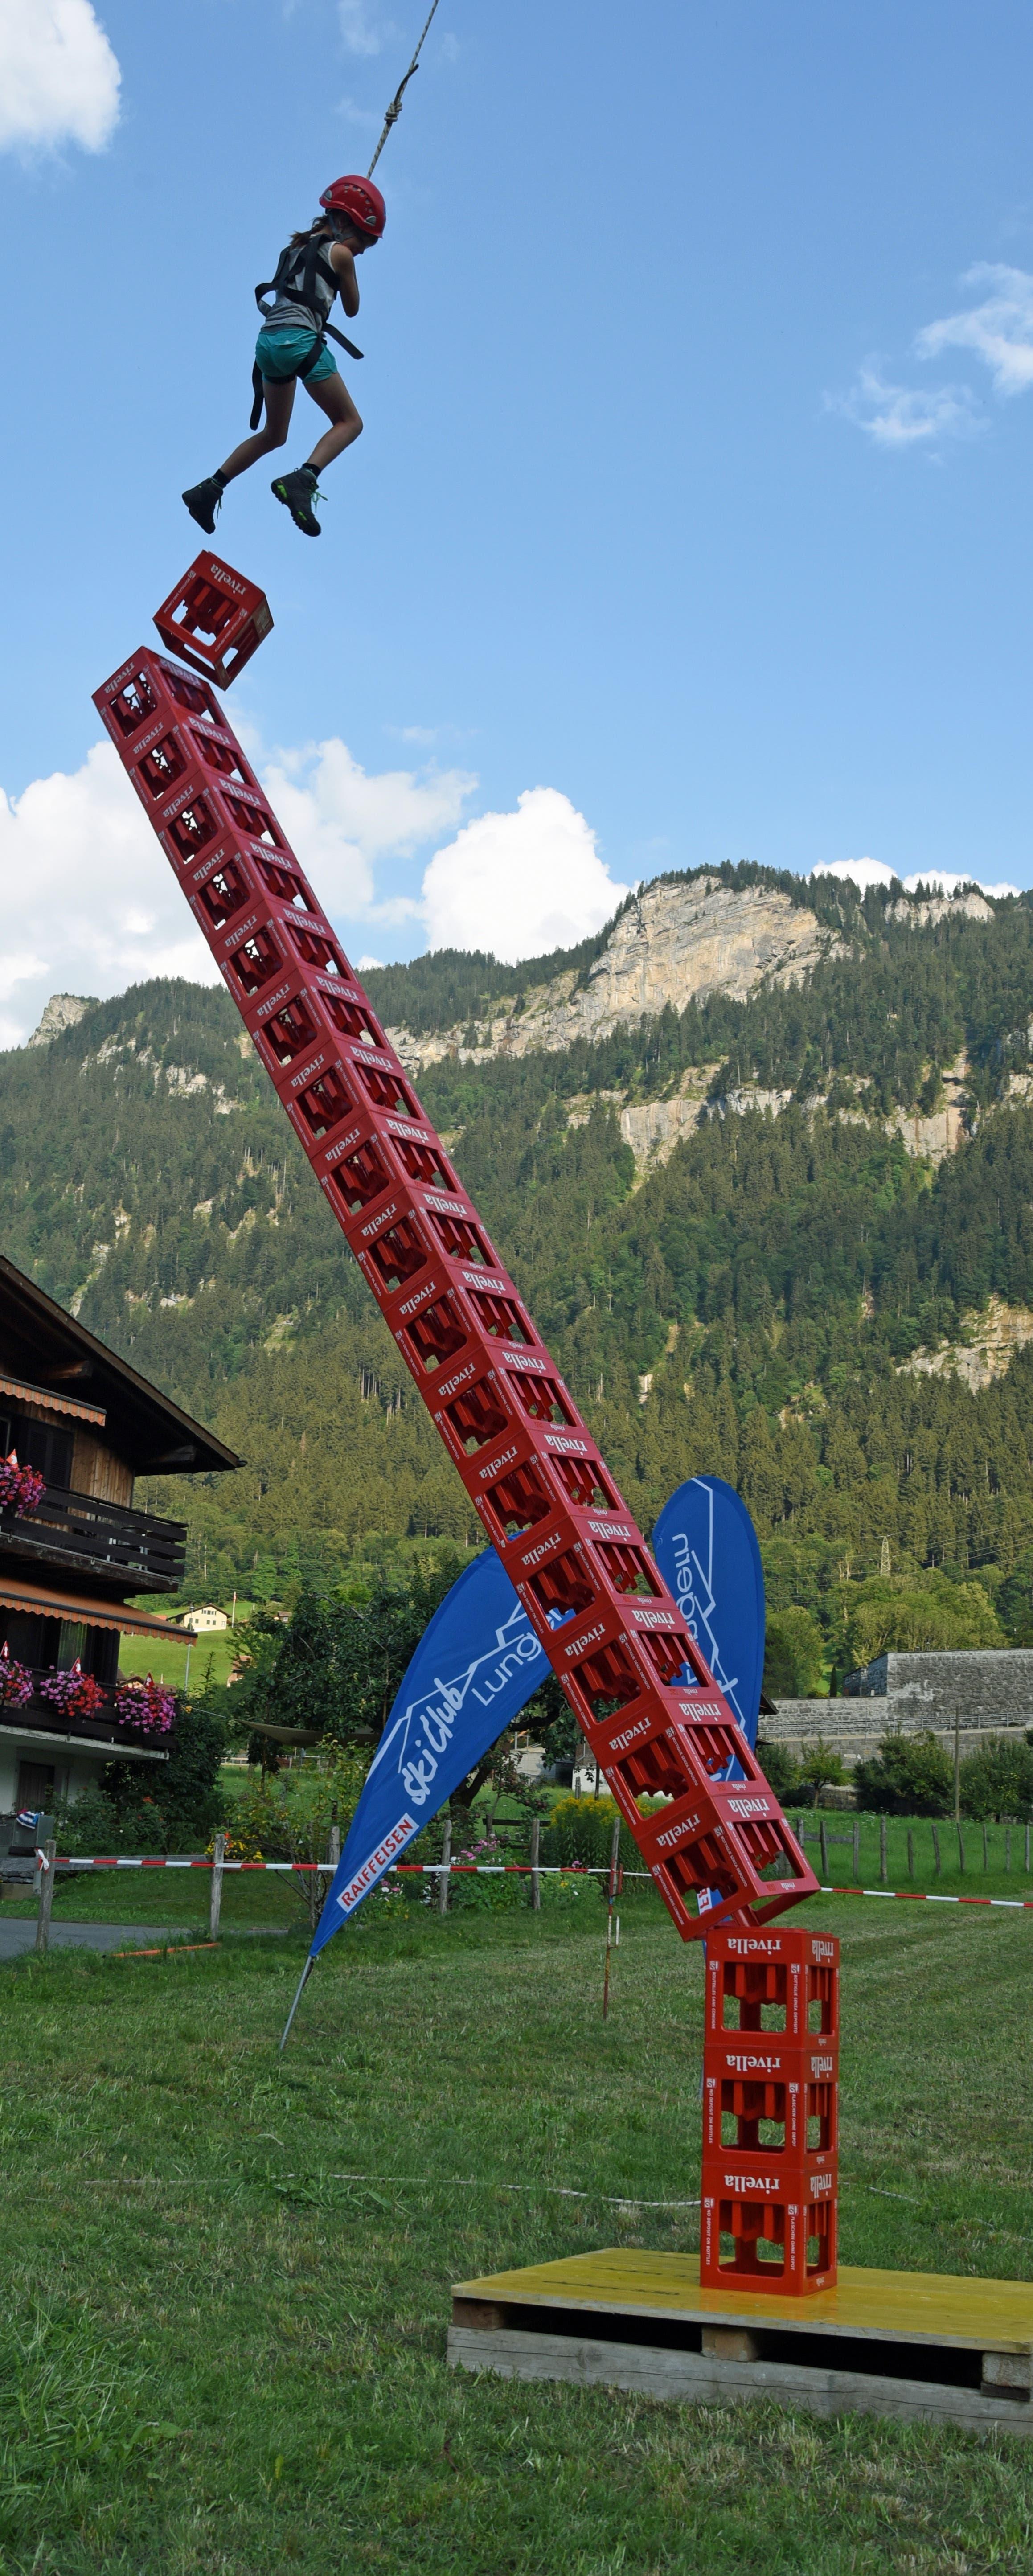 Einen Turm von 20 Mineralwasserharassen schaffte die 9-jährige Alena, bevor das Bauwerk aus dem Gleichgewicht geriet.